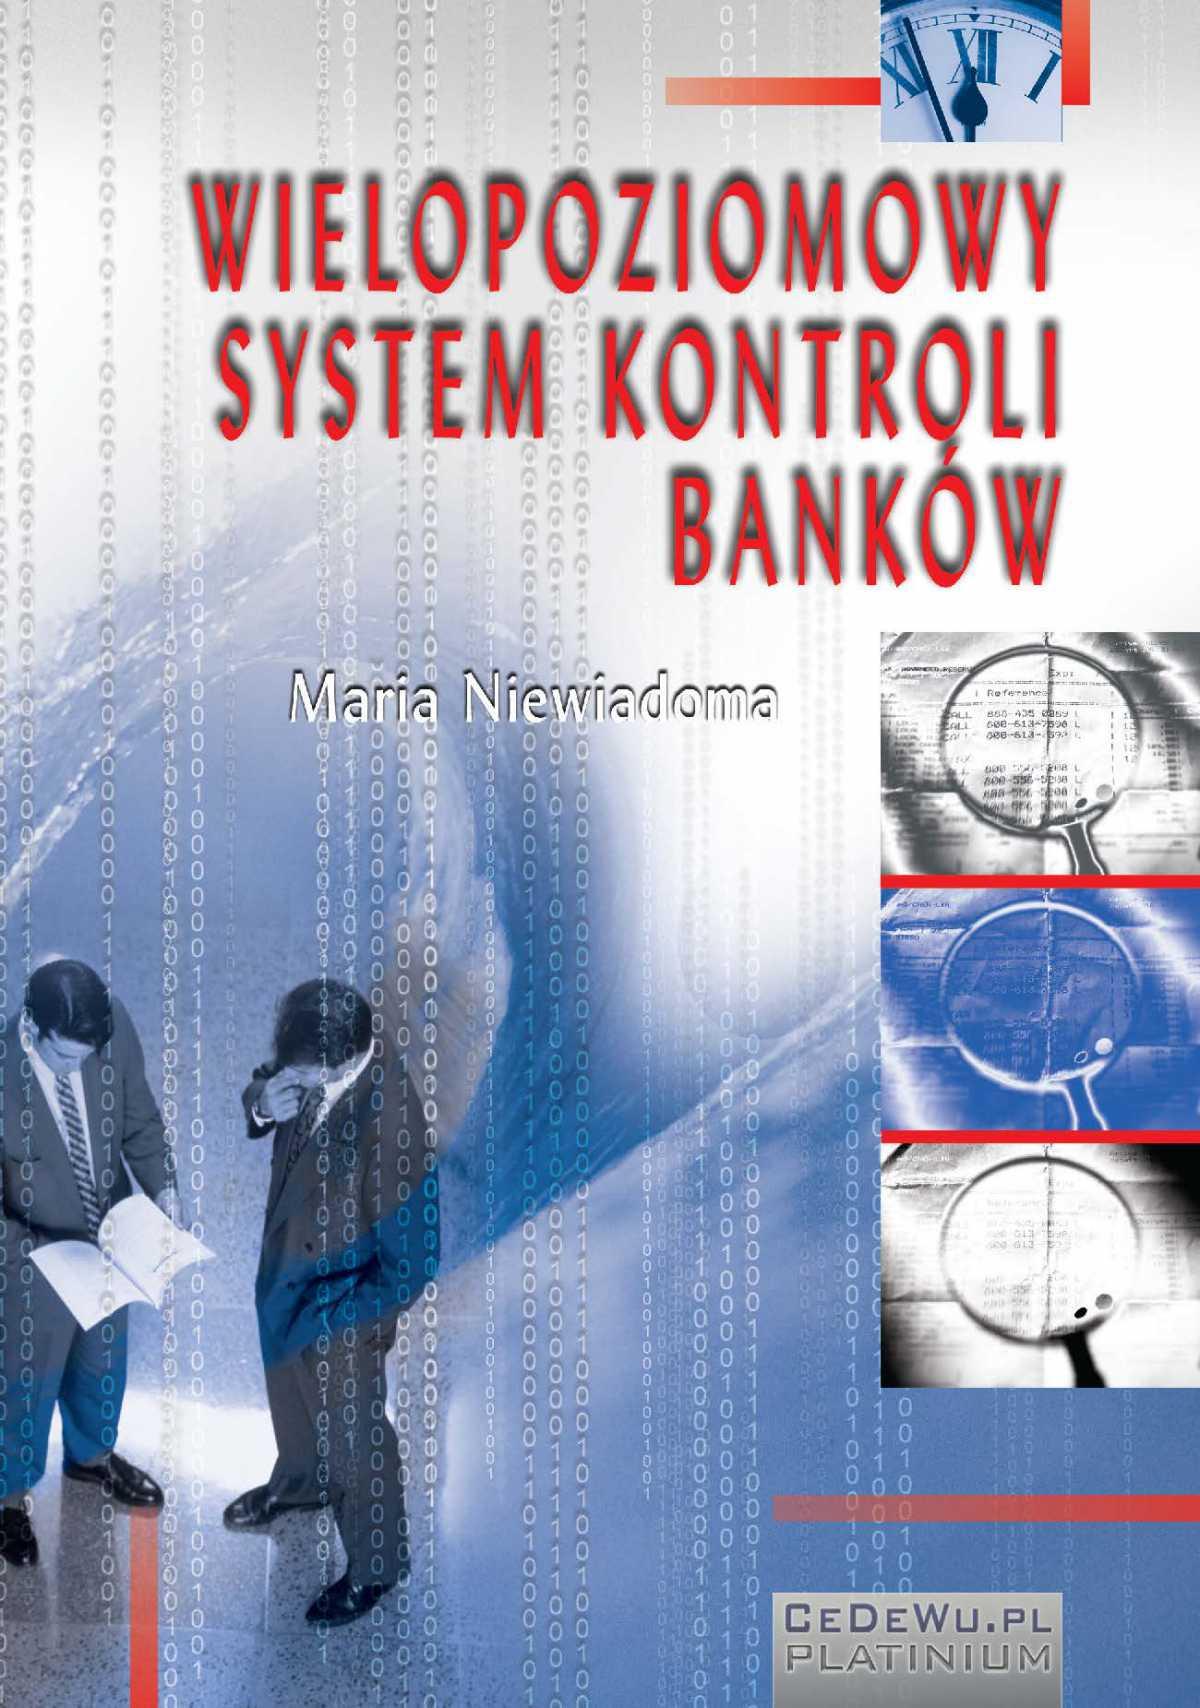 Wielopoziomowy system kontroli banków. Rozdział 2. Rola nadzoru bankowego w systemie kontroli banków na poziomie regulacji ponadnarodowych - Ebook (Książka PDF) do pobrania w formacie PDF